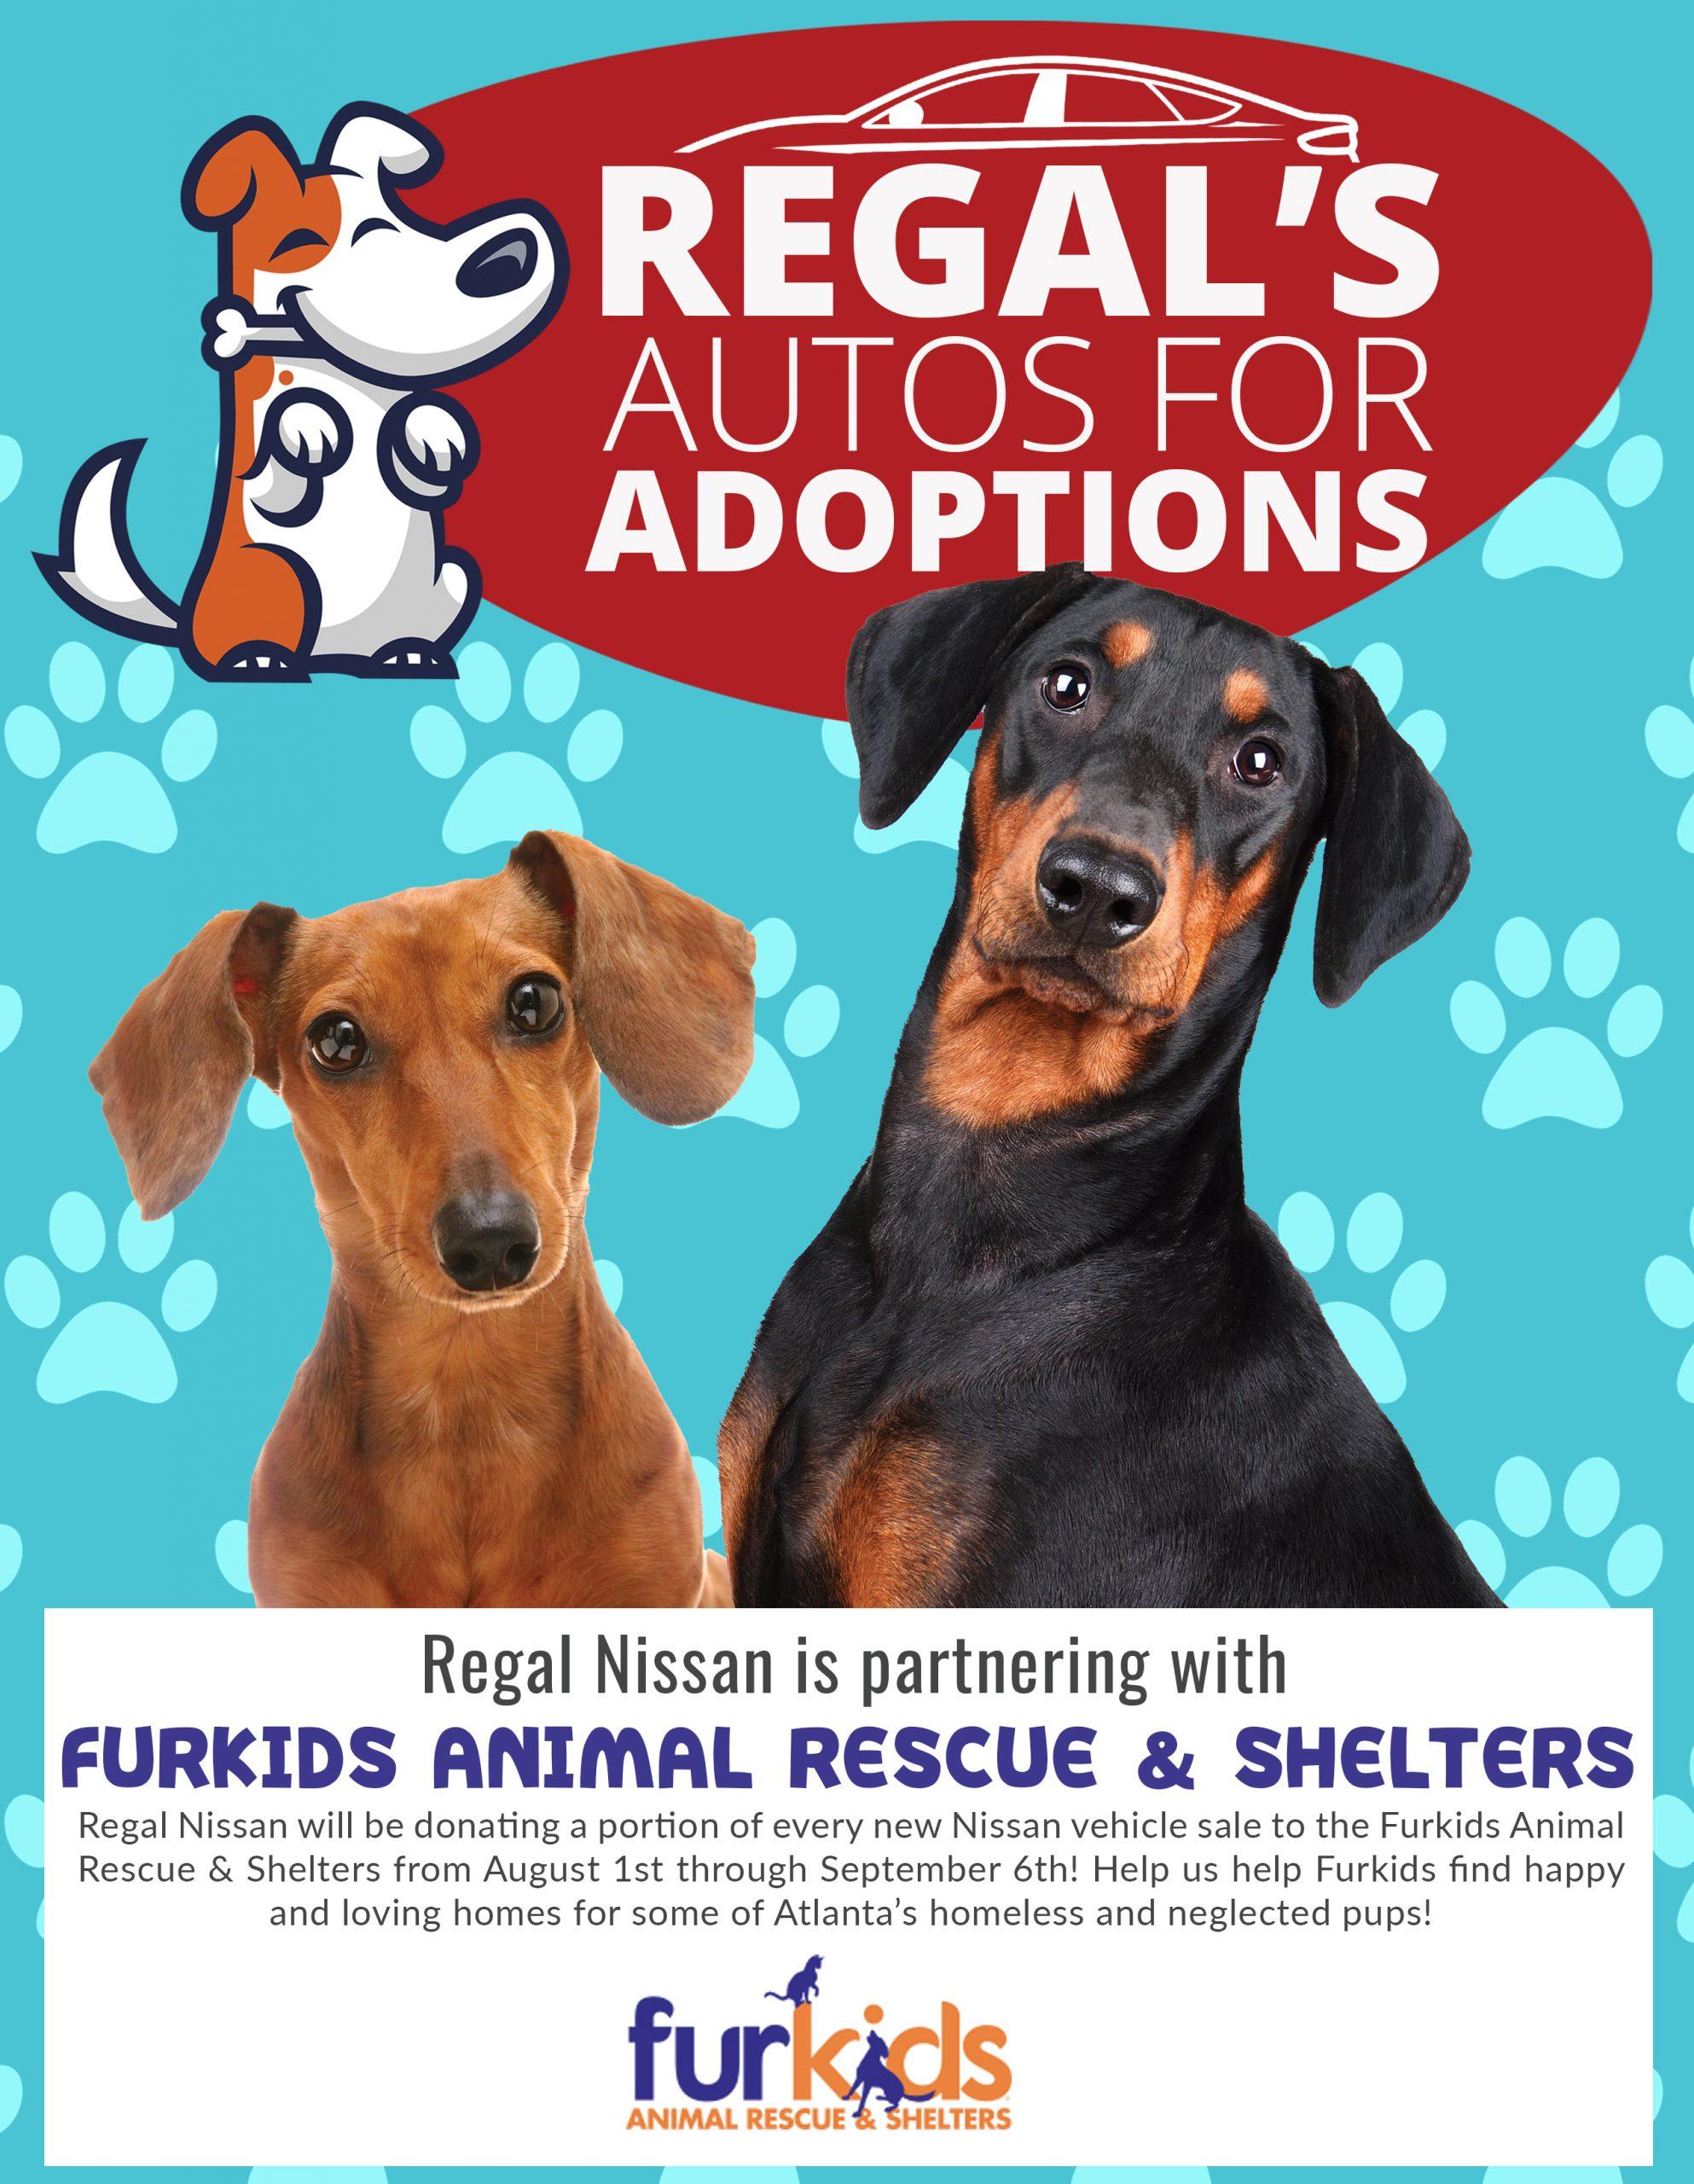 autos for adoptions